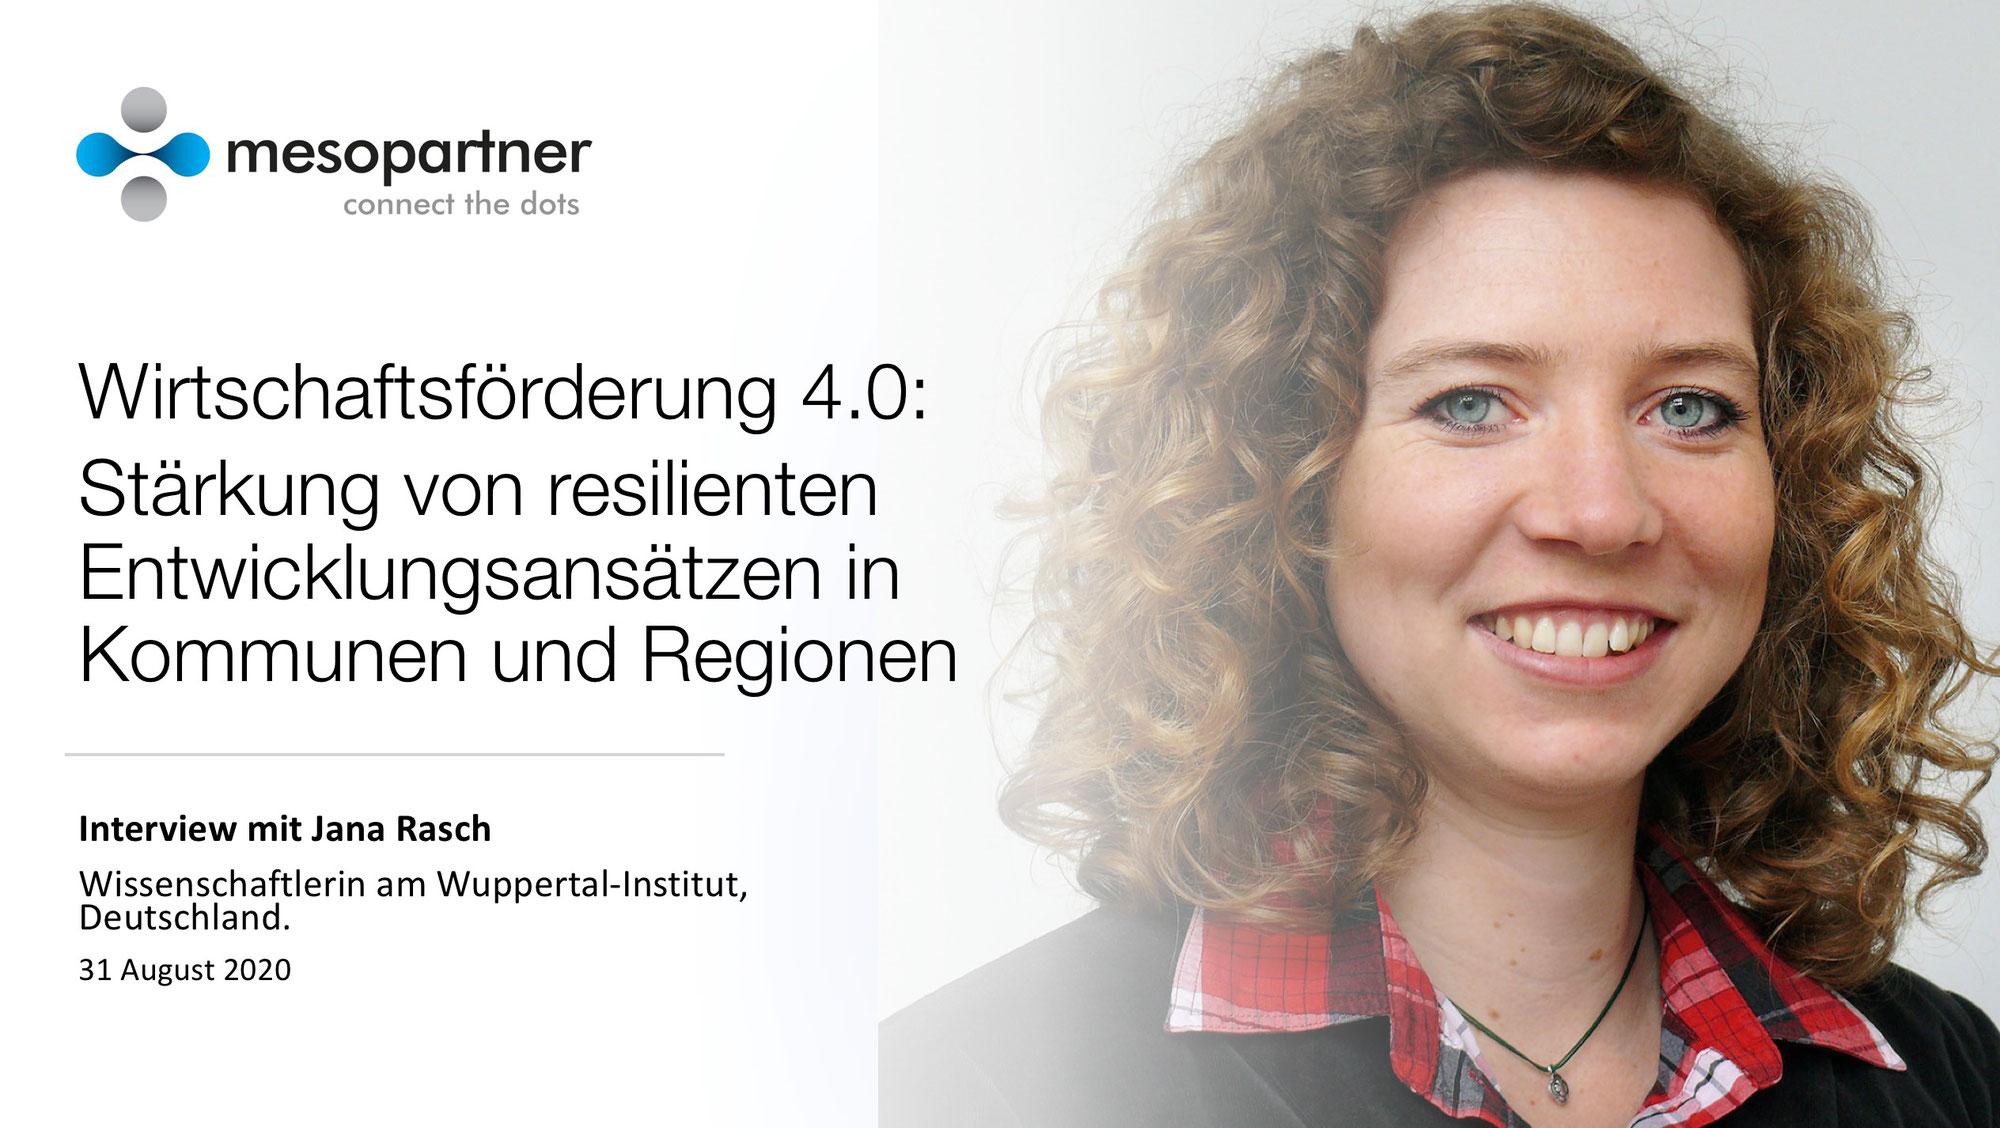 Videocast mit Jana Rasch vom Wuppertal Institut